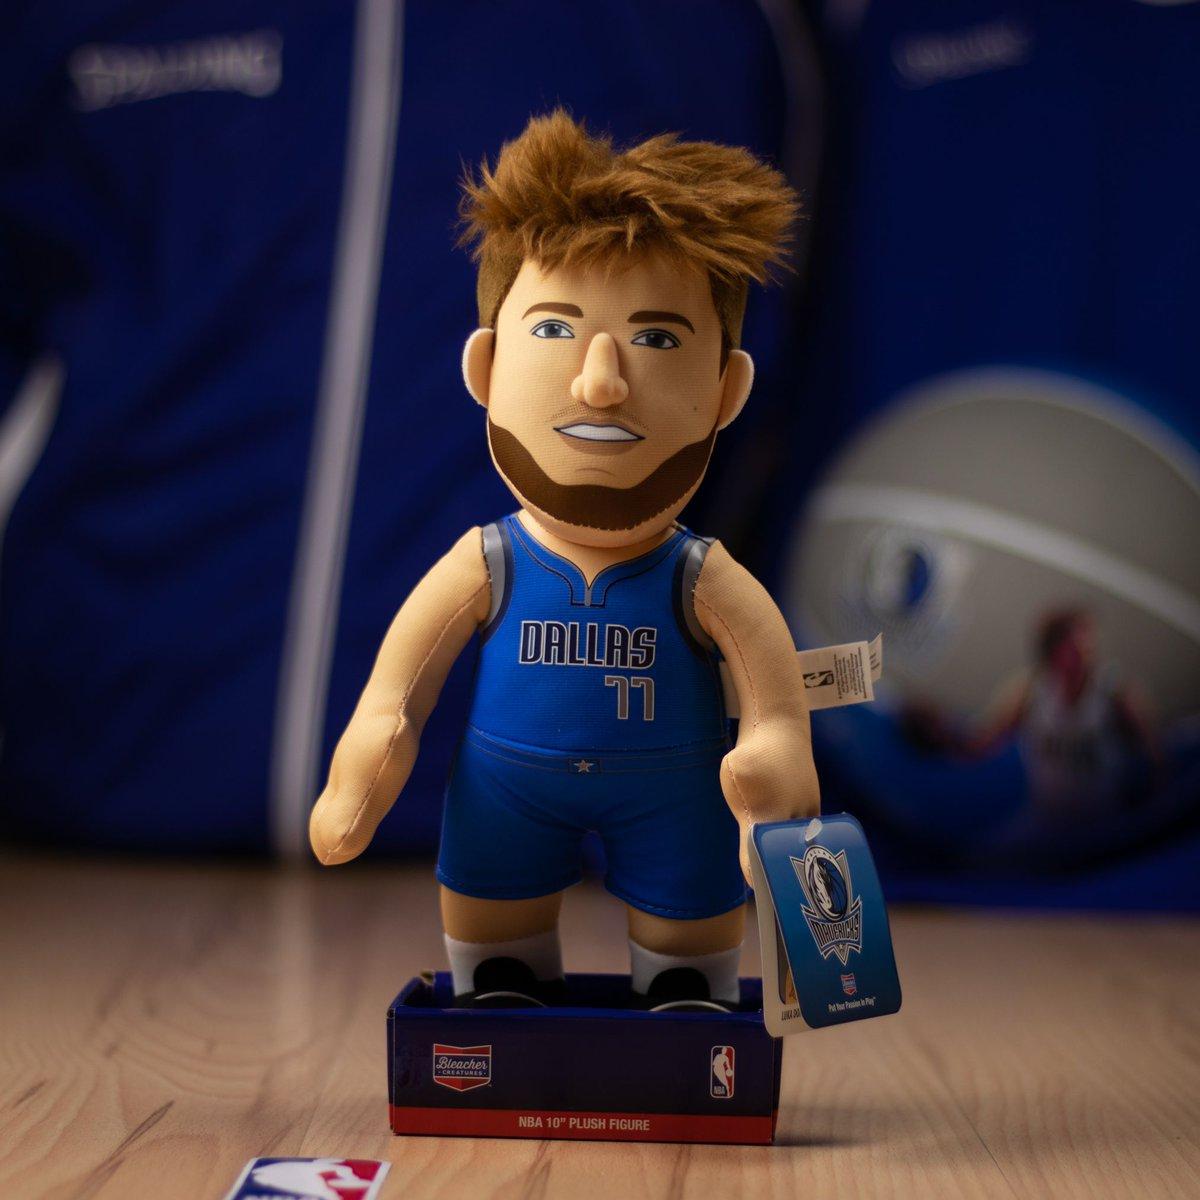 Luka Doncic. Dallas Mavericks. Muñeco peluche. Bleacher Creatures. Licencia Oficial. #BasketspiritMadrid #BleacherCreatures #LukaDoncic #DallasMavericks